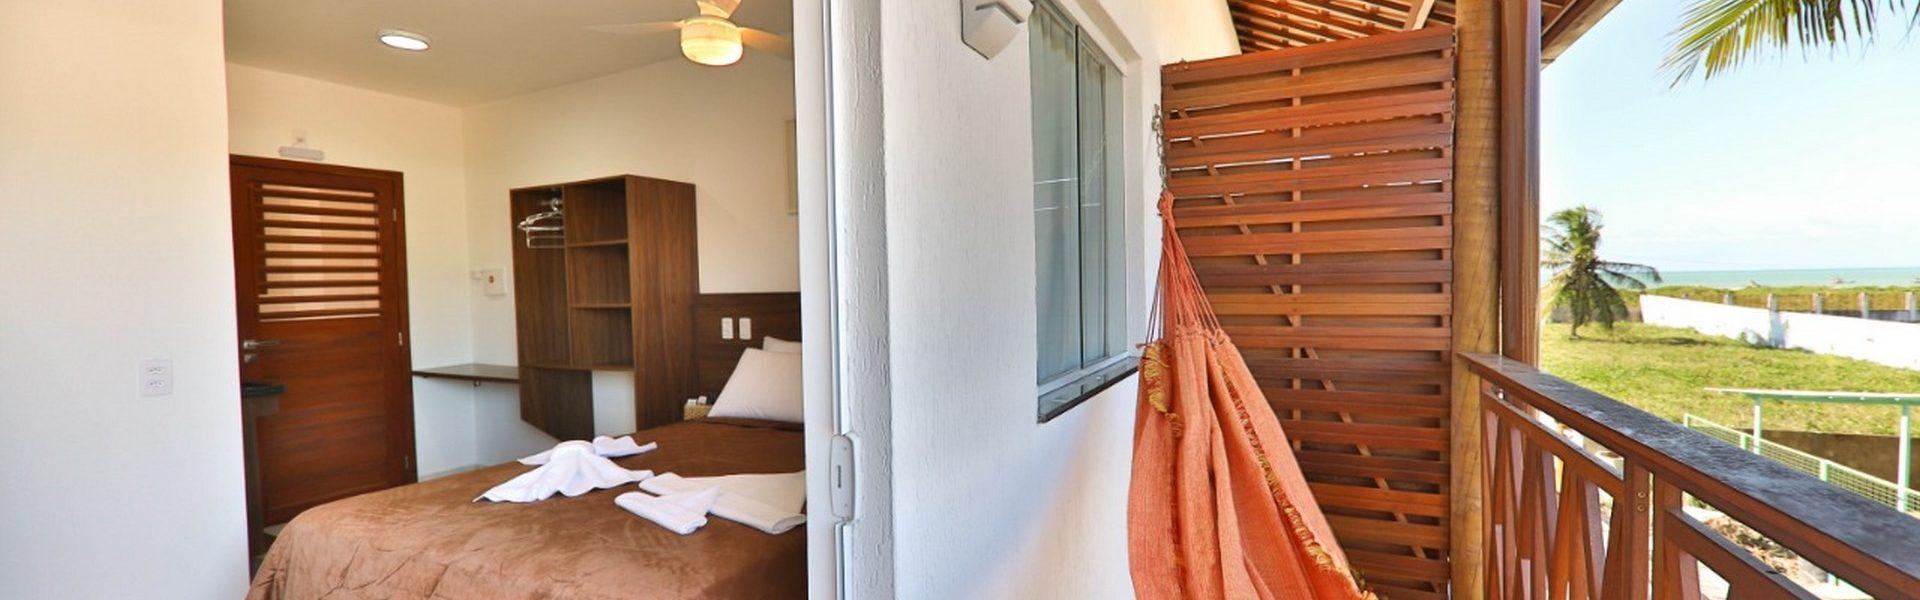 hotel-praia-brasil05-1-1920x600_c0e9c443bbfa66eca80680ba6e8709d5